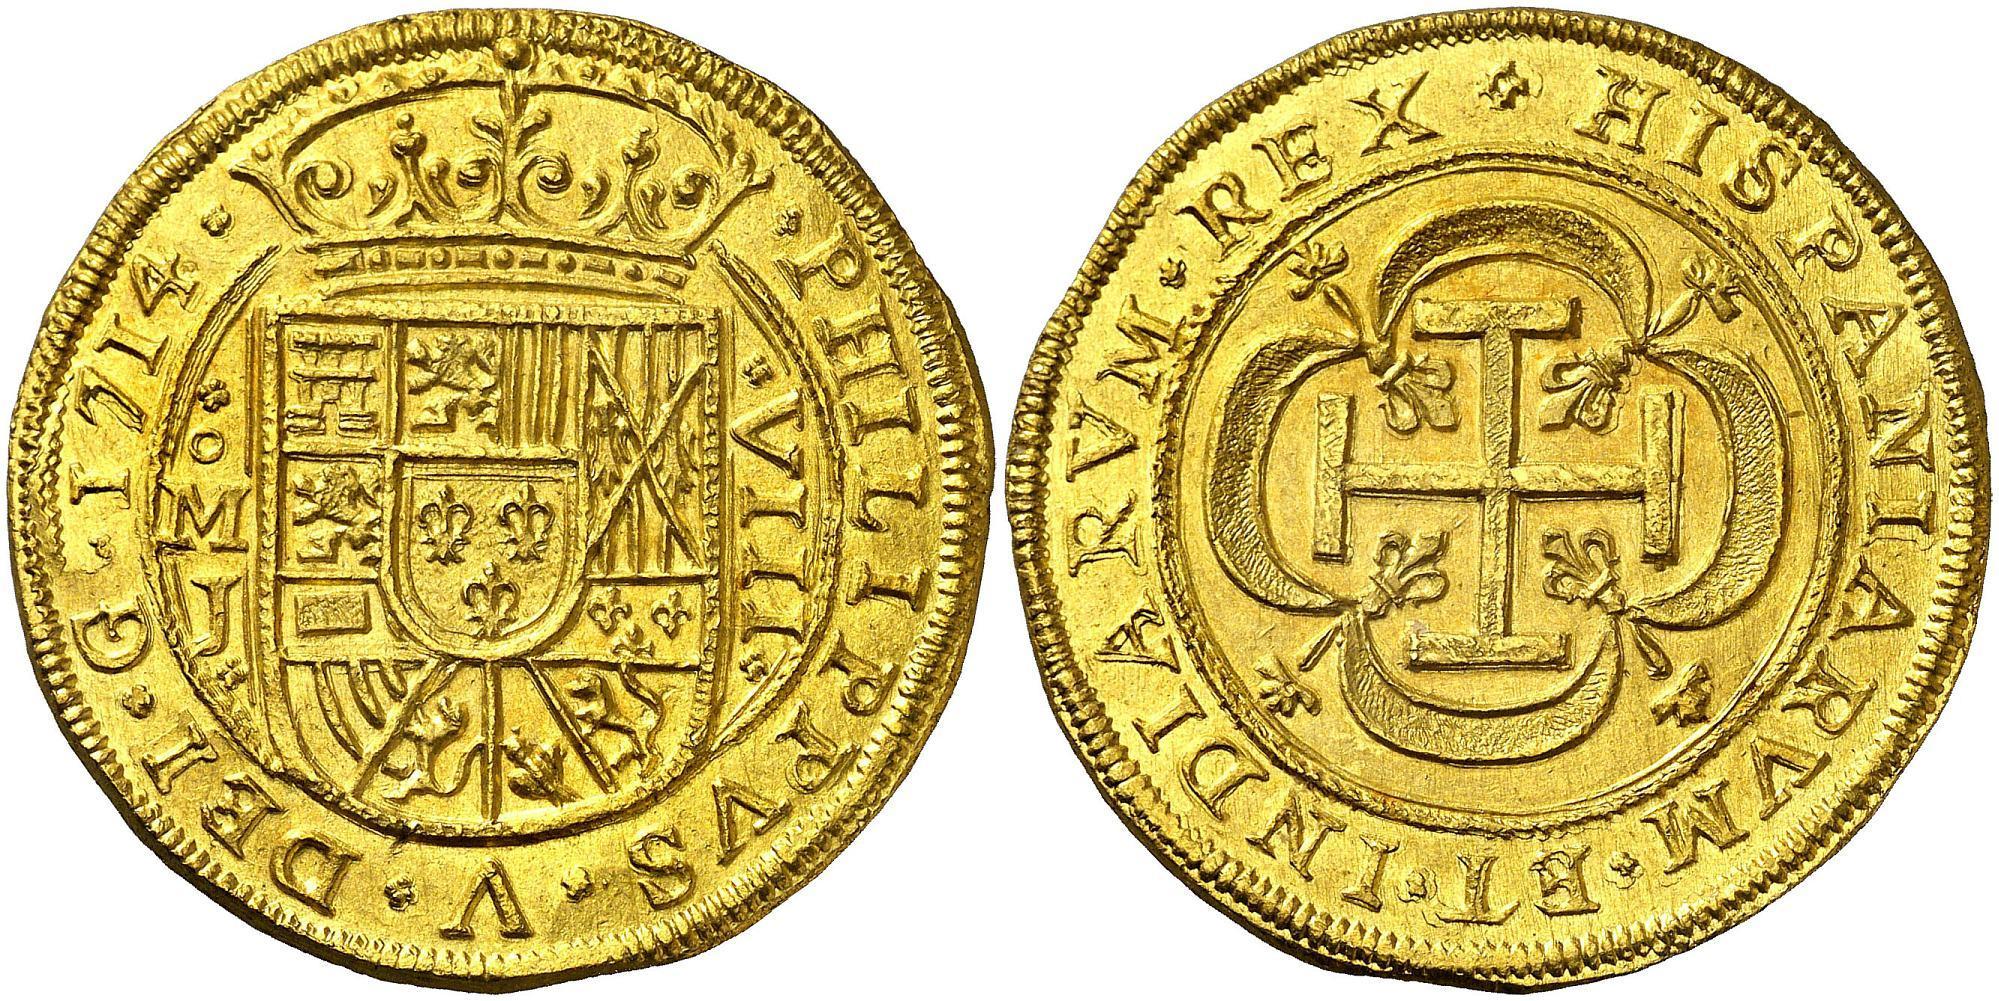 8-escudos-1714.-mexico.-salida-150.000-euros.-aureocalico